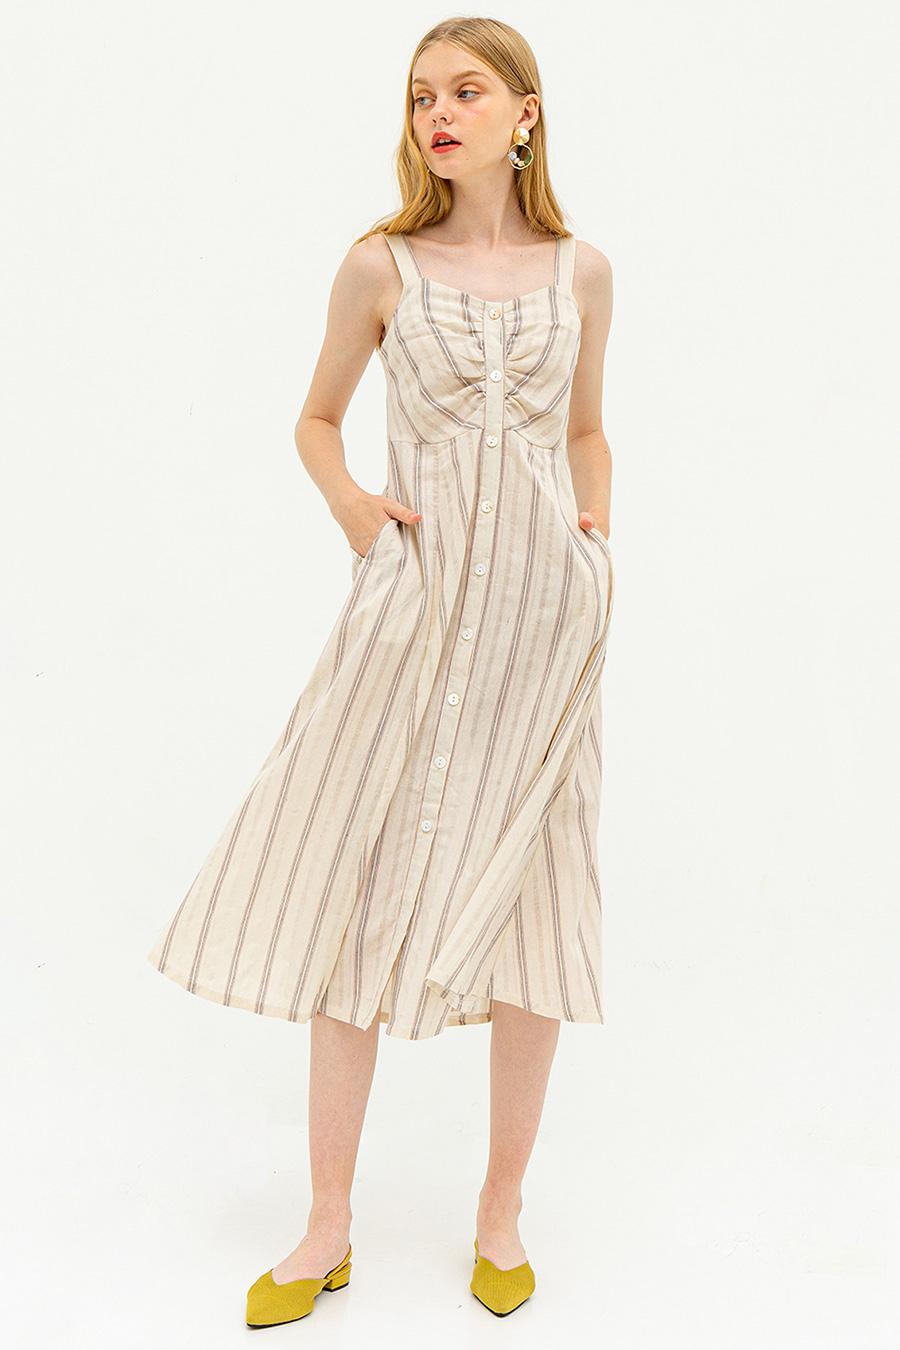 MARSTON DRESS - DESERT SAND STRIPE [BY MODPARADE]